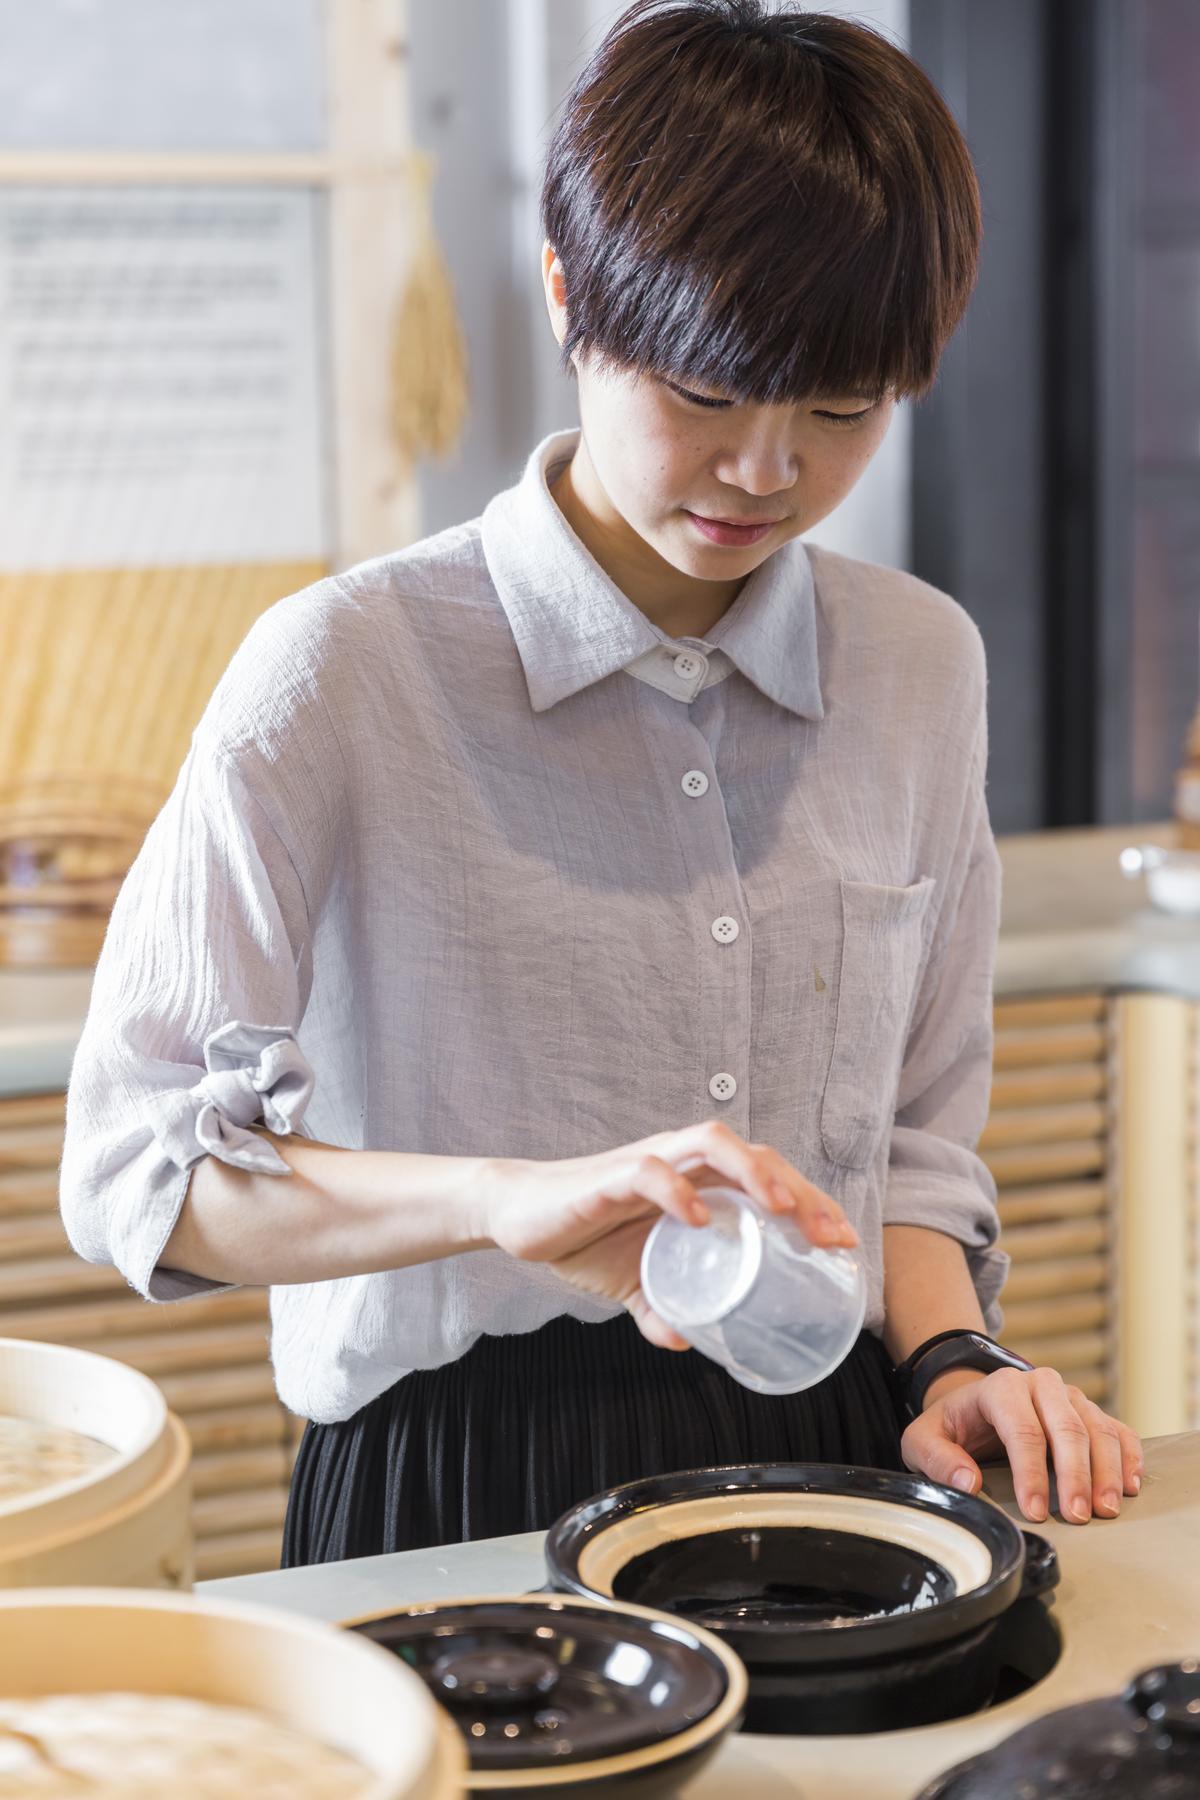 水量可依米的新舊增減,想吃軟飯就多加點水。